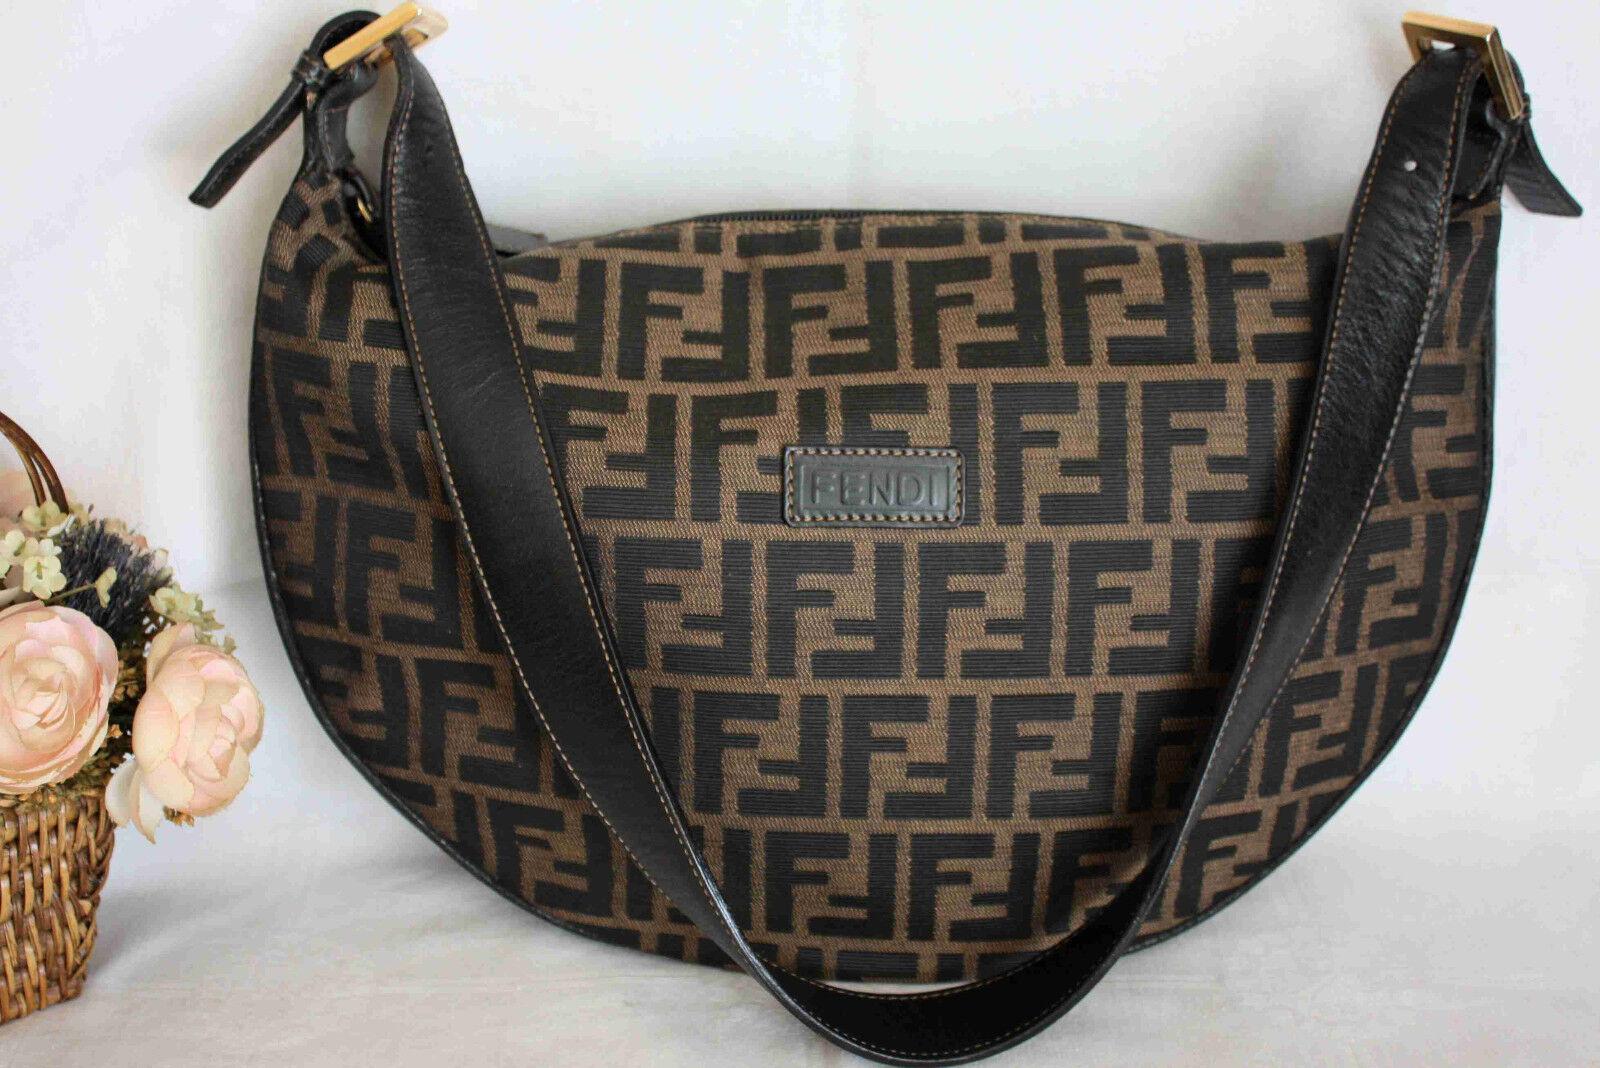 FENDI Tasche Leder Canvas Schultertasche Burg Bag Vintage braun schwarz